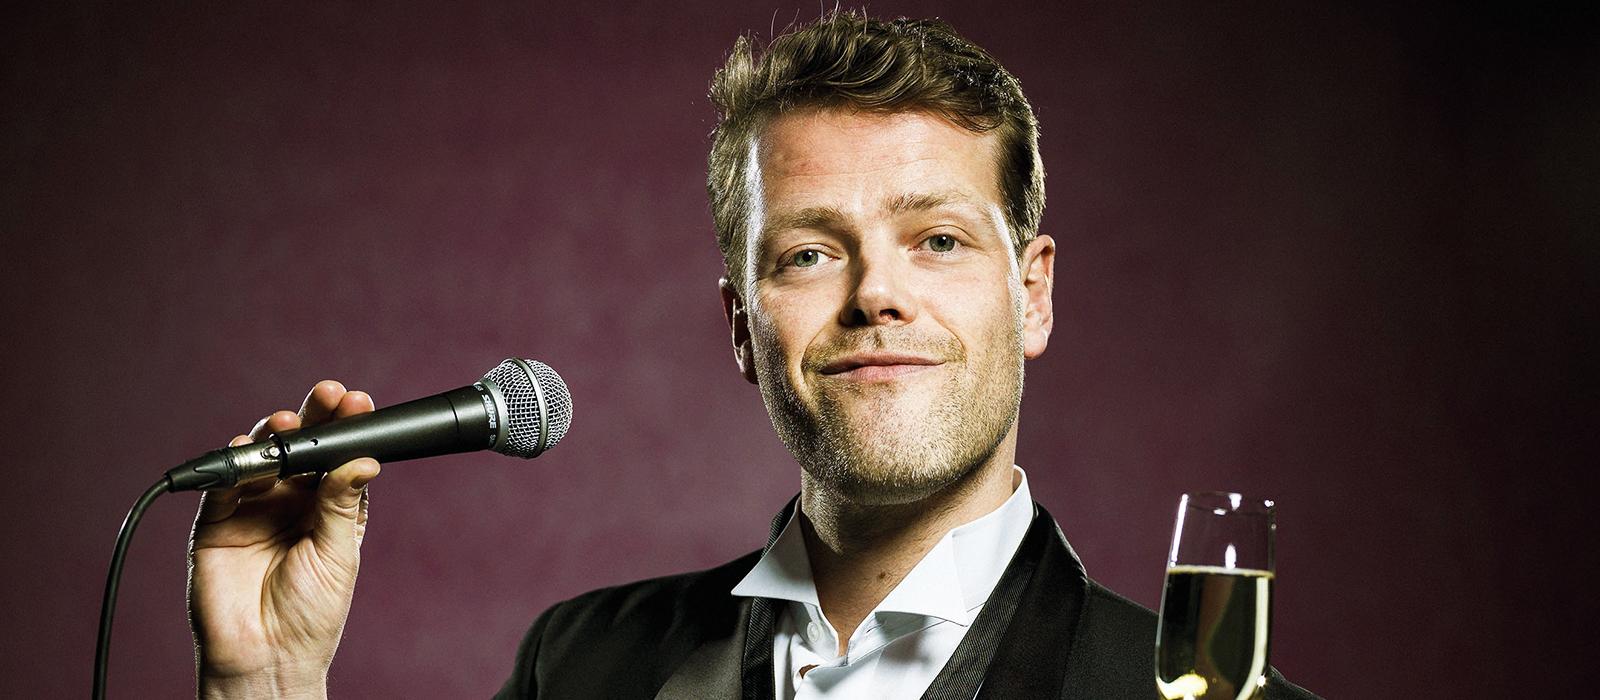 Martijn Konings Oudejaarsconference 2019 - feestdagen 2019 bij RTL